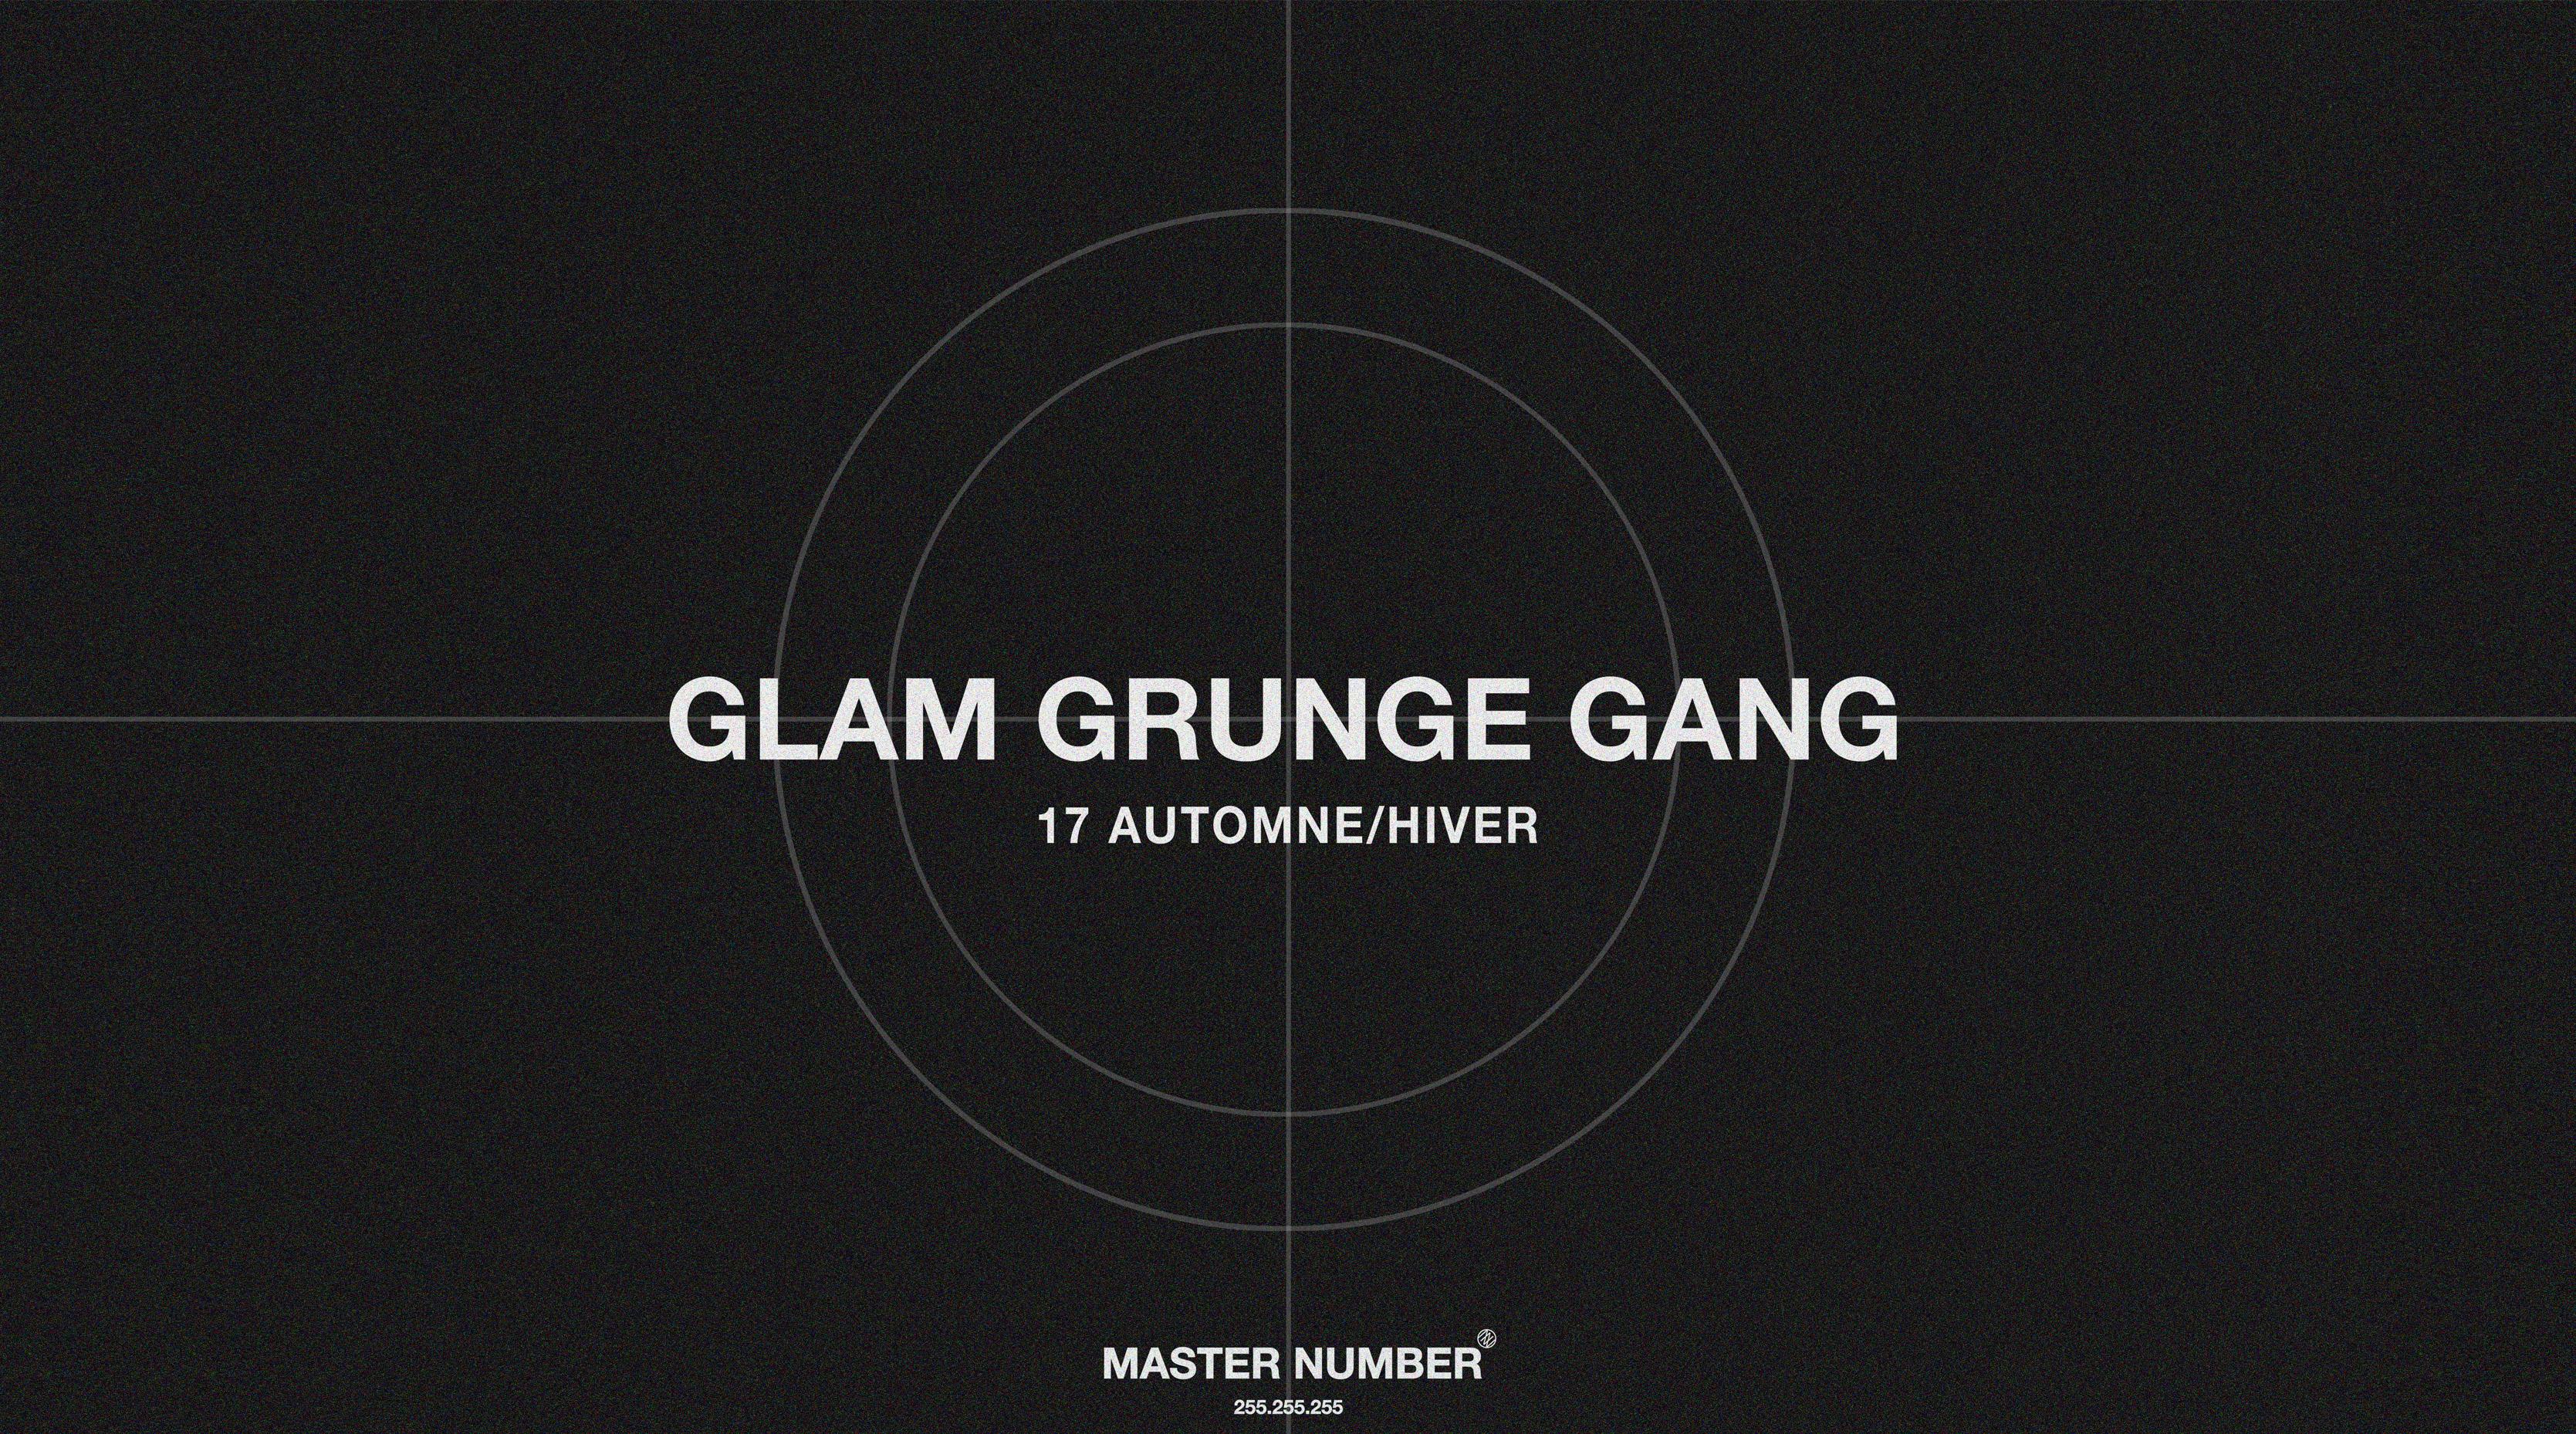 17FW GLAM GRUNGE GANG